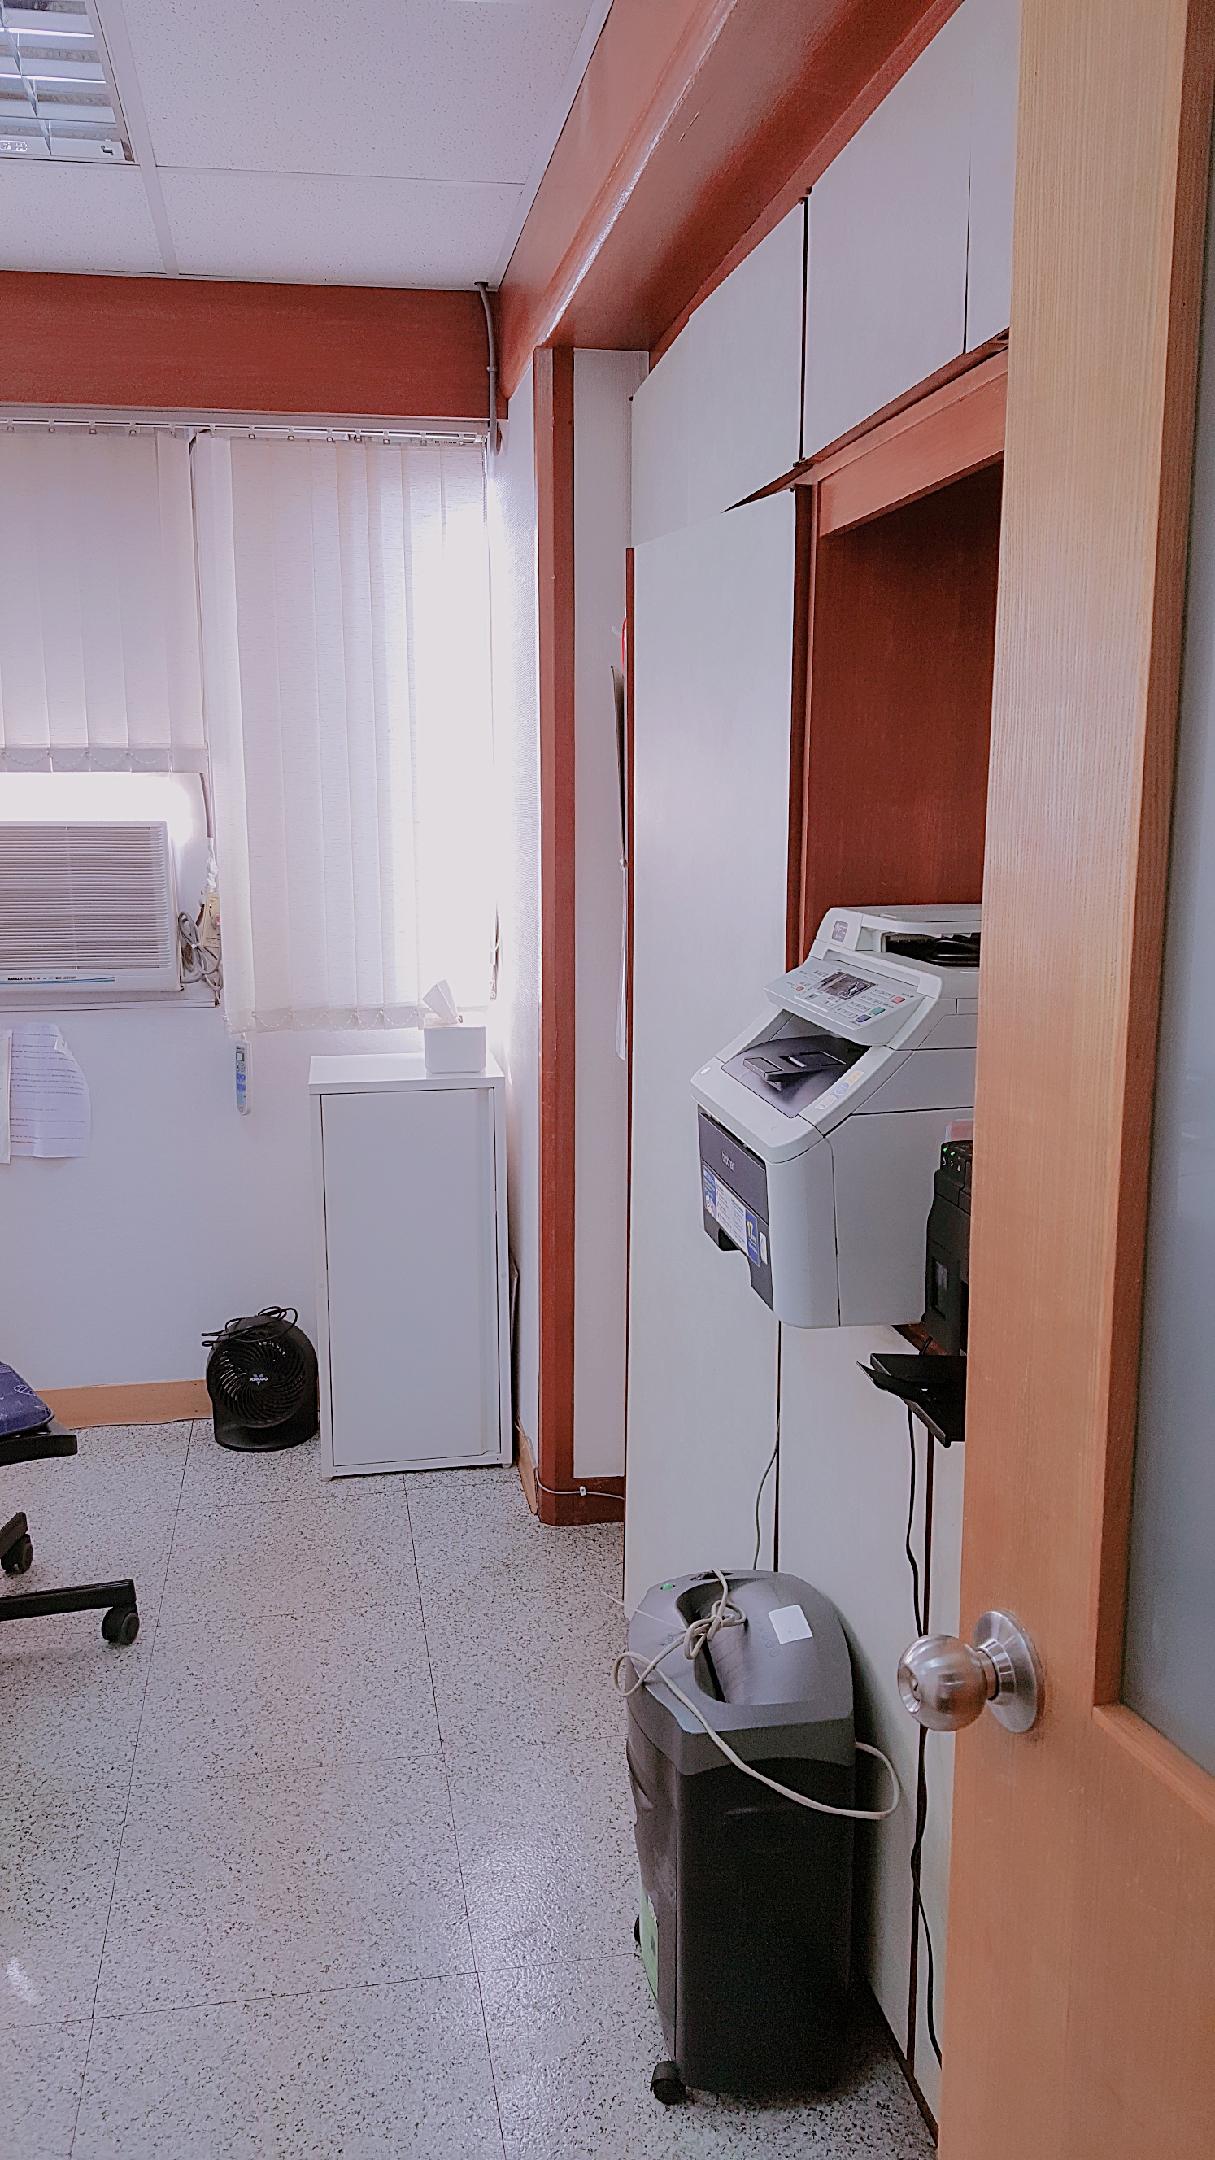 南京復興小型辦公室出租,可工商登記,離捷運站5分鐘